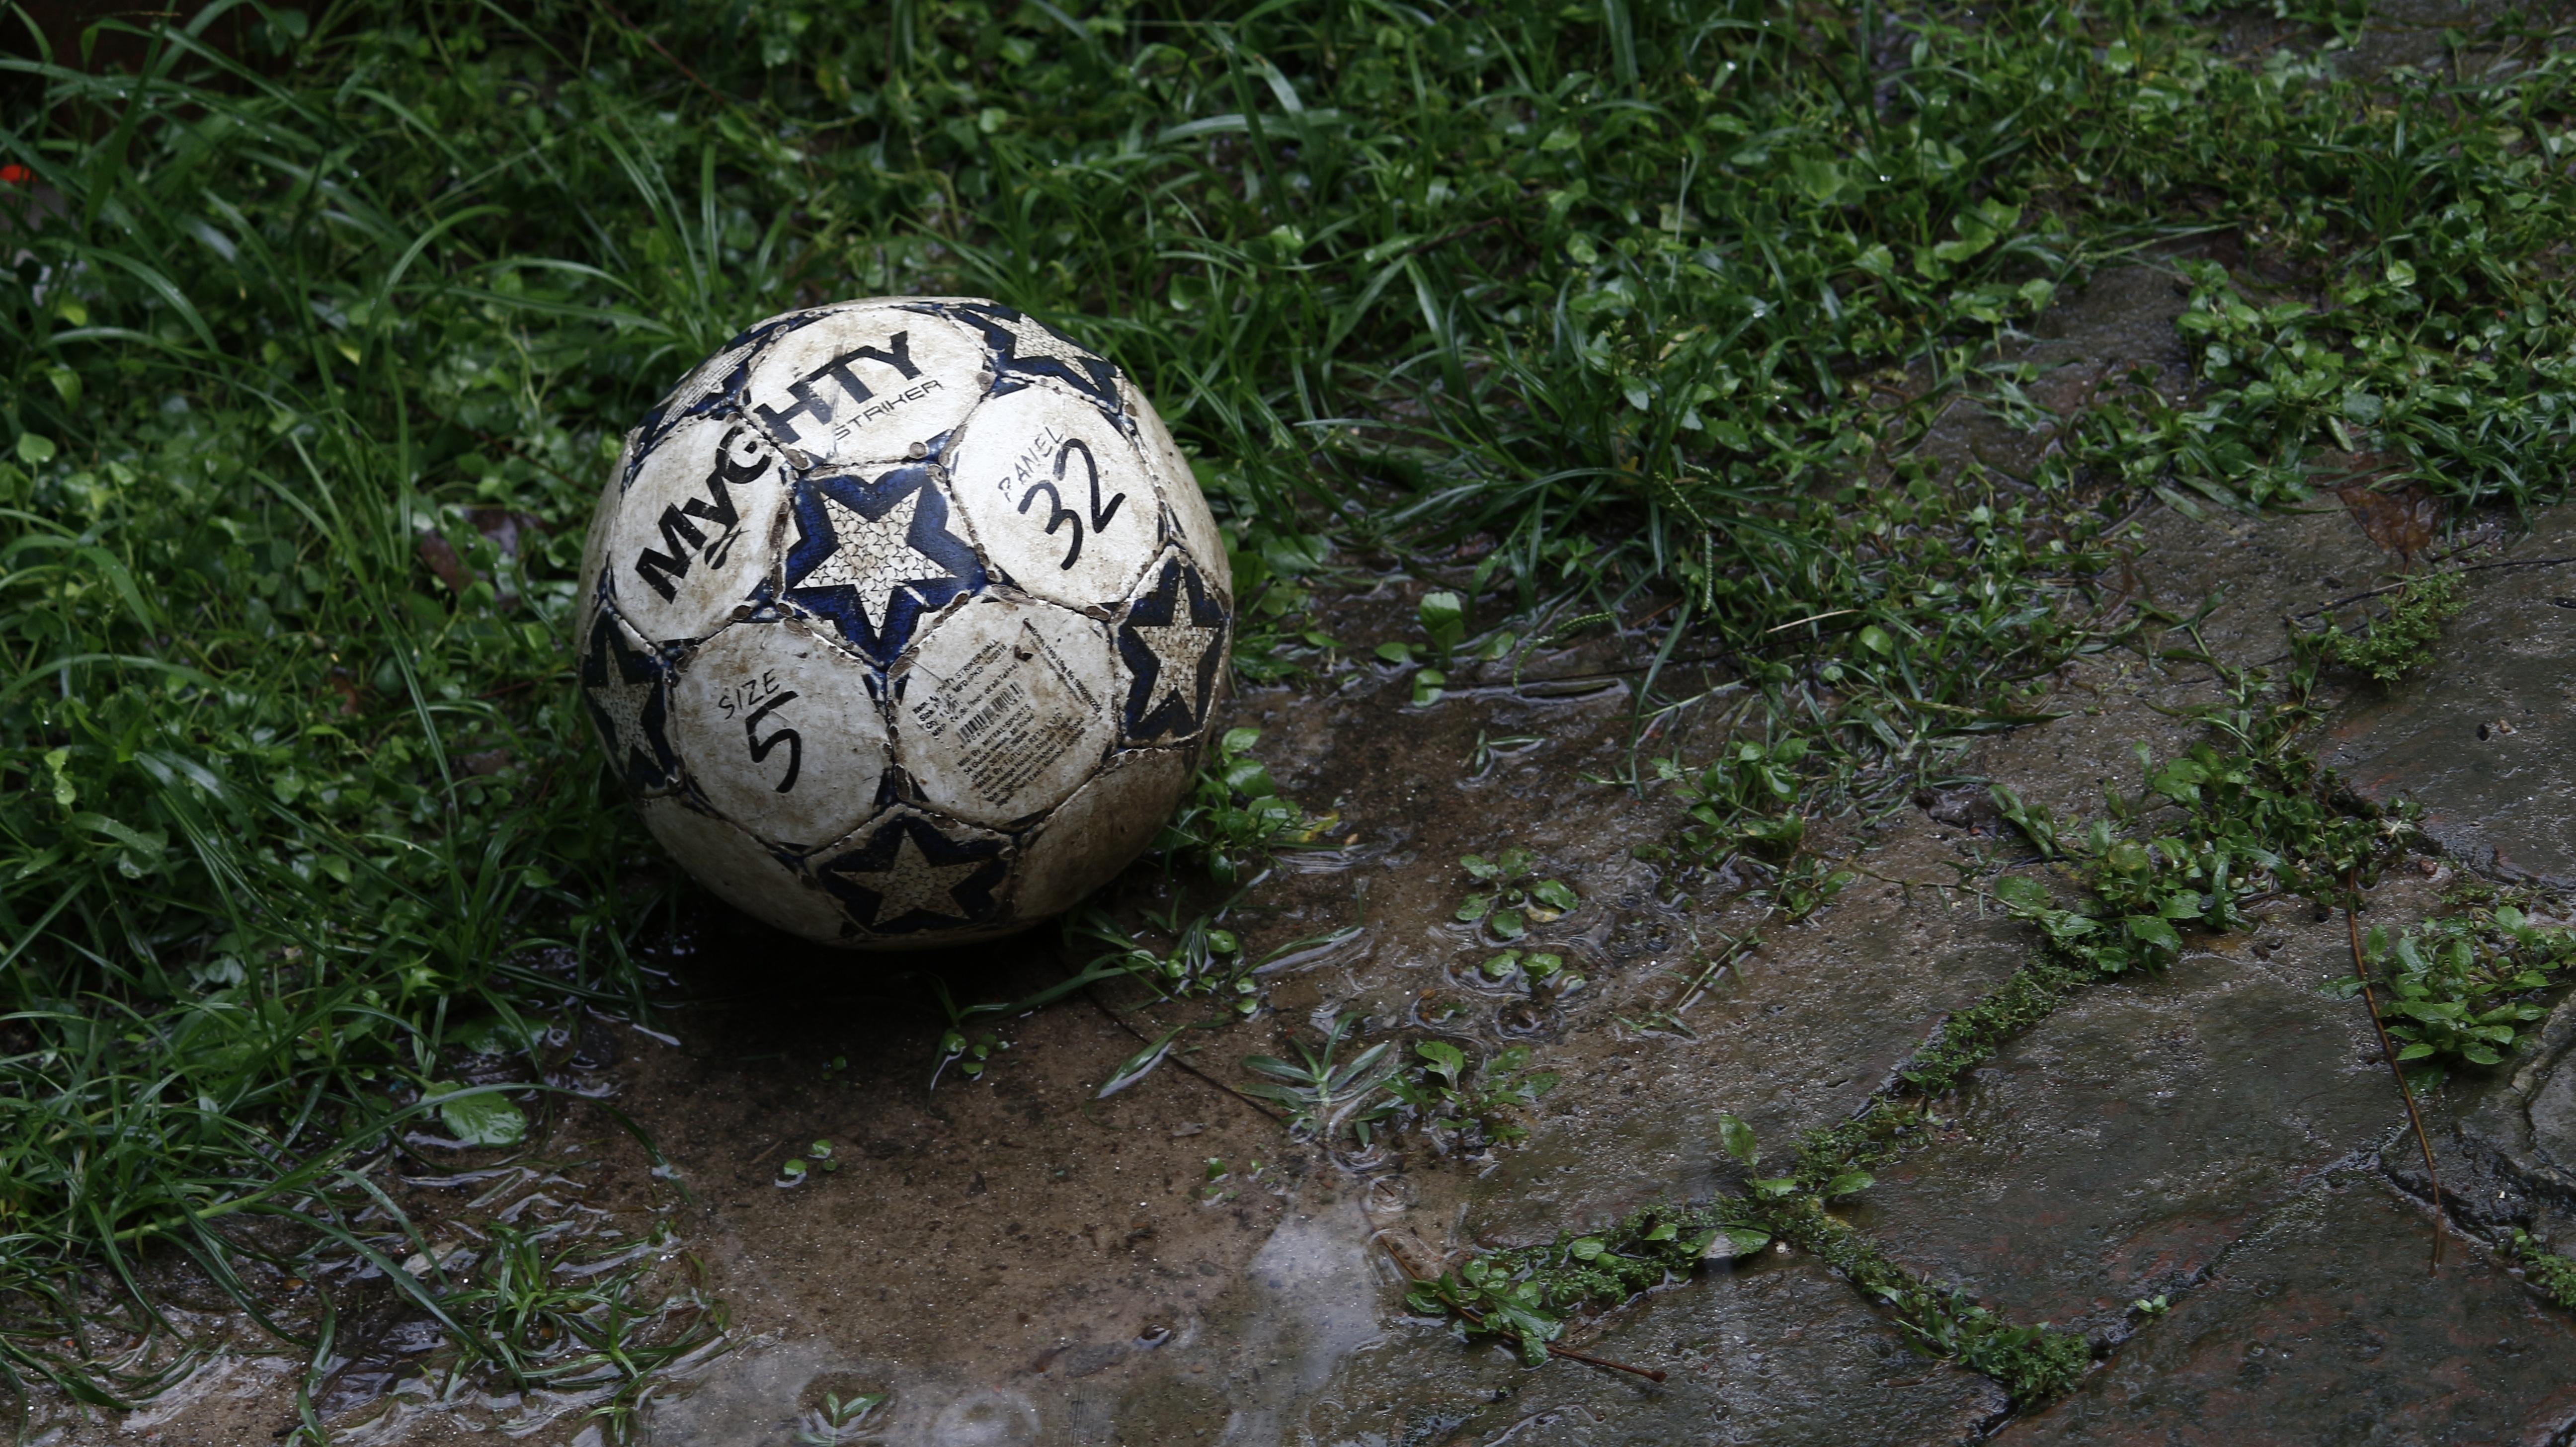 111476 скачать обои Спорт, Мяч, Футбол, Грязь, Трава - заставки и картинки бесплатно